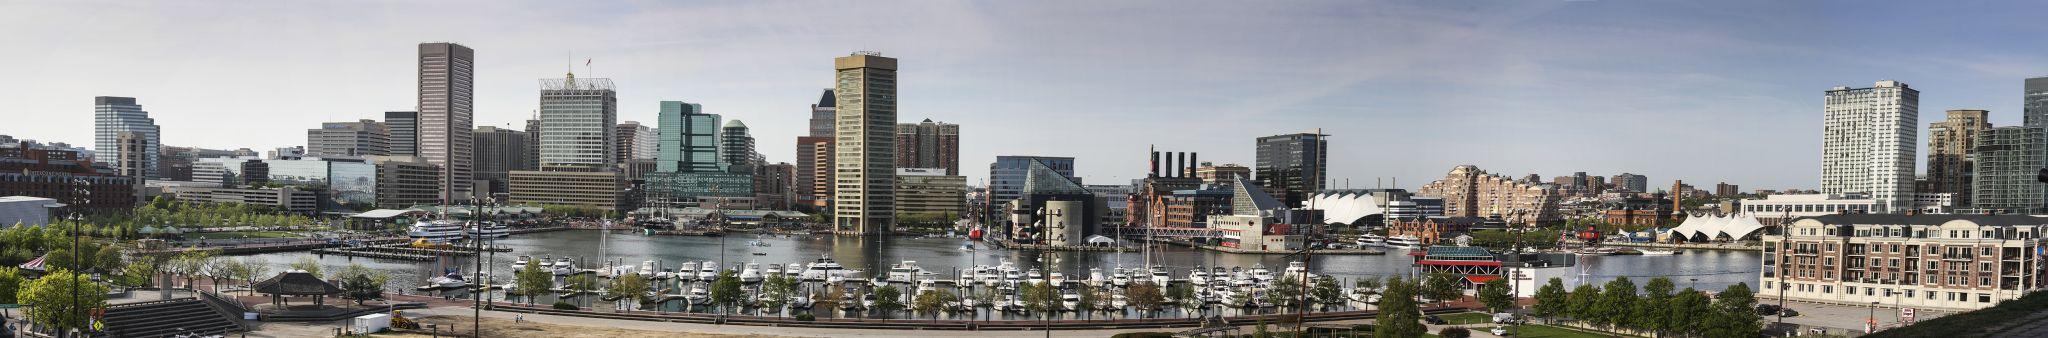 Baltimore Inner Harbor, USA